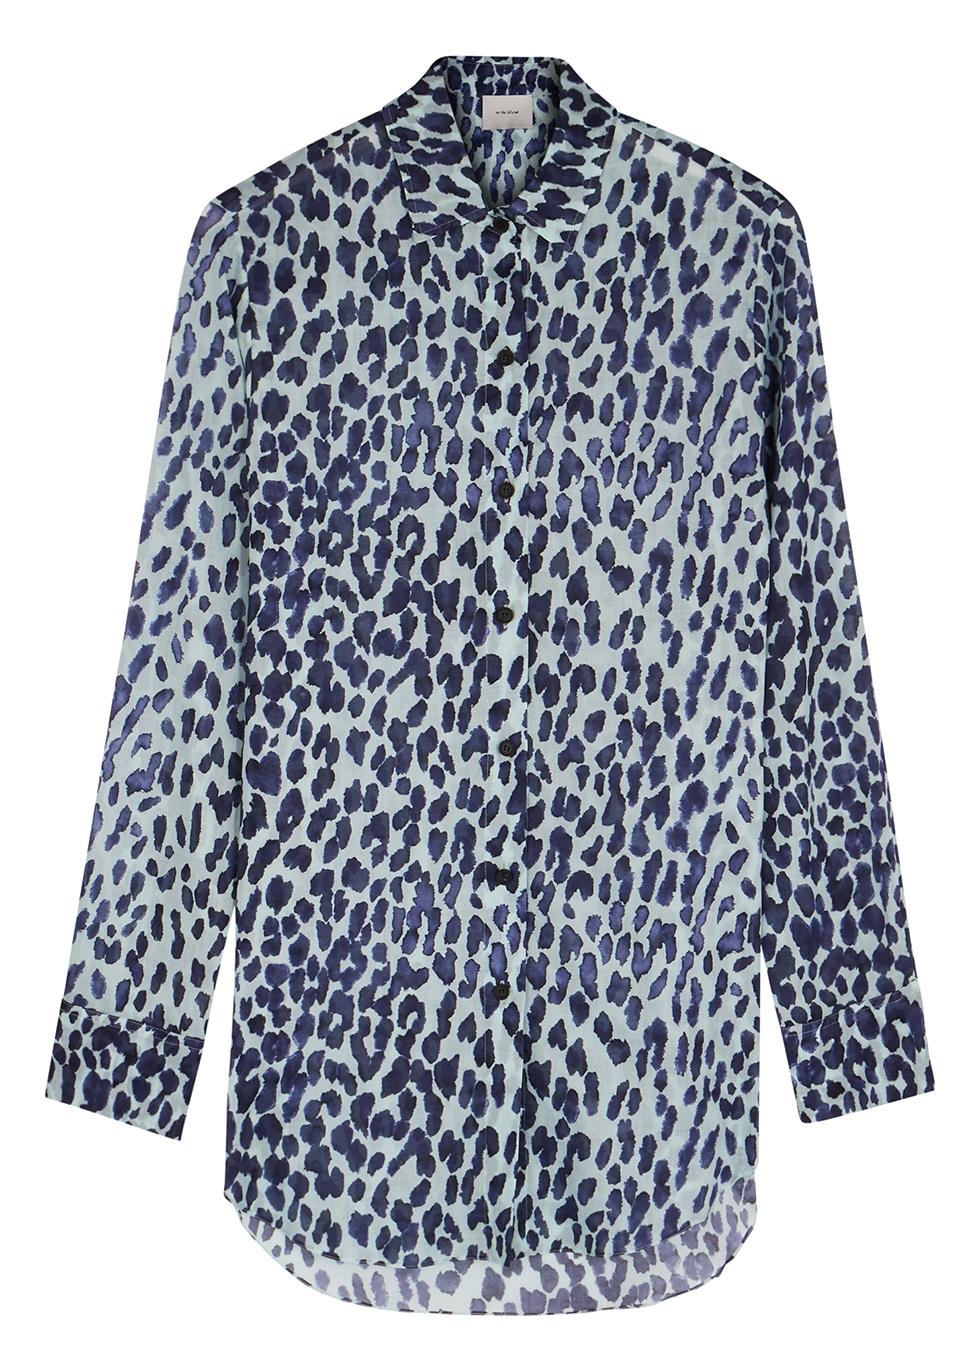 Symi blue leopard-print cotton shirt